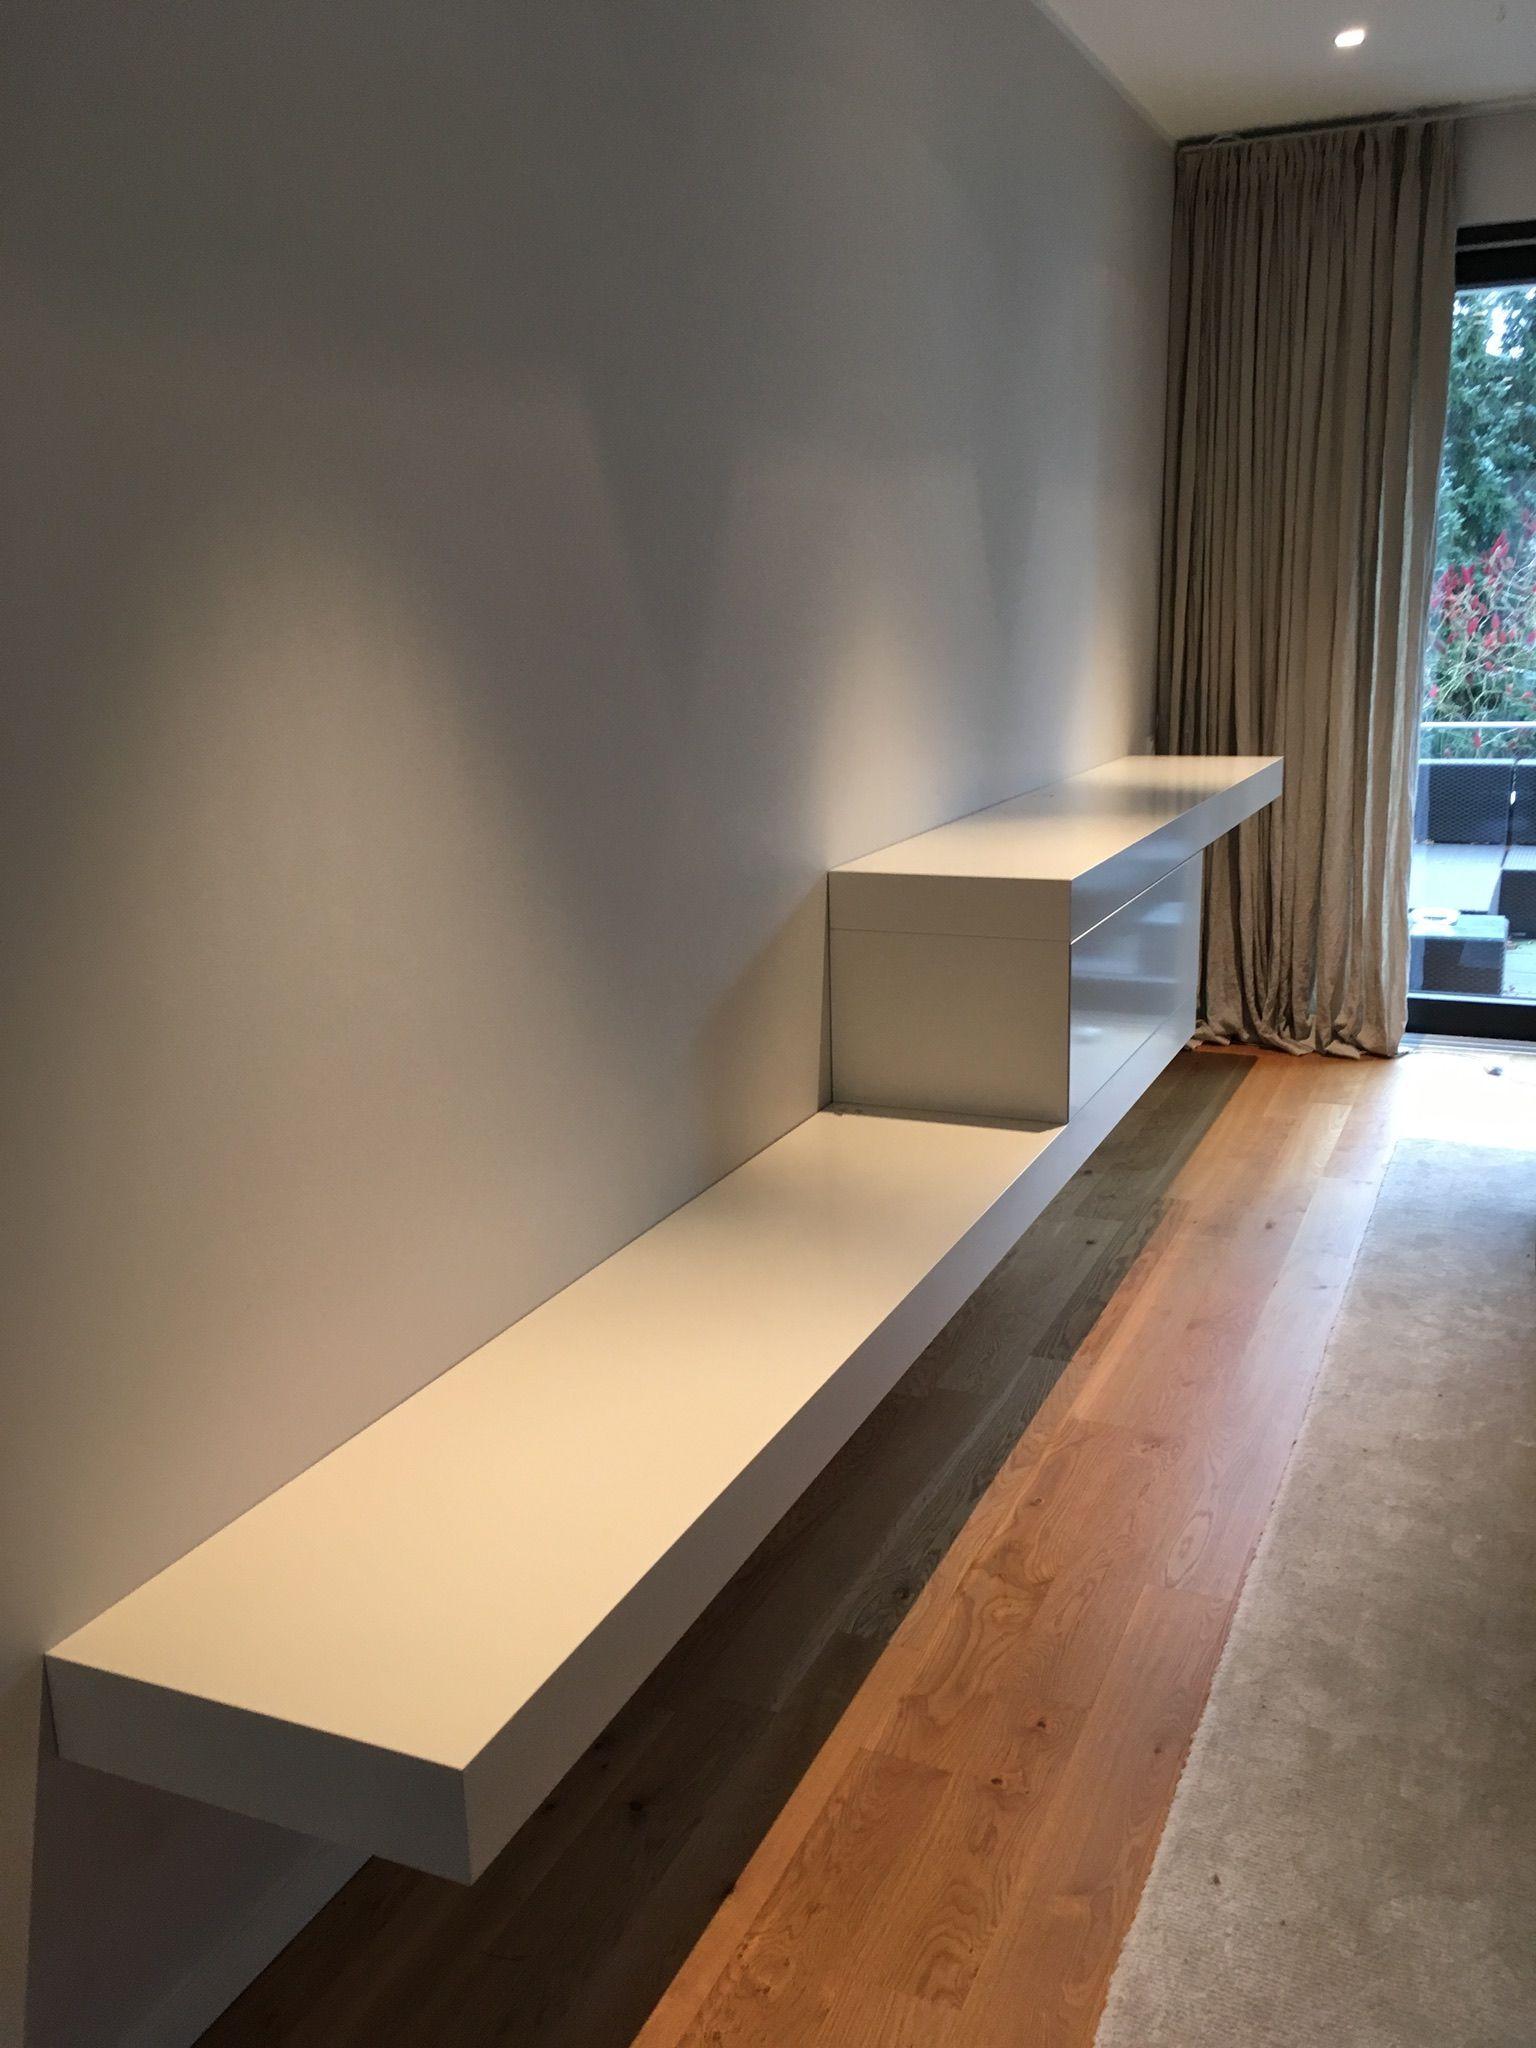 Weißes Lowboard wohnzimmer idee weißes lowboard mit stufe und schublade